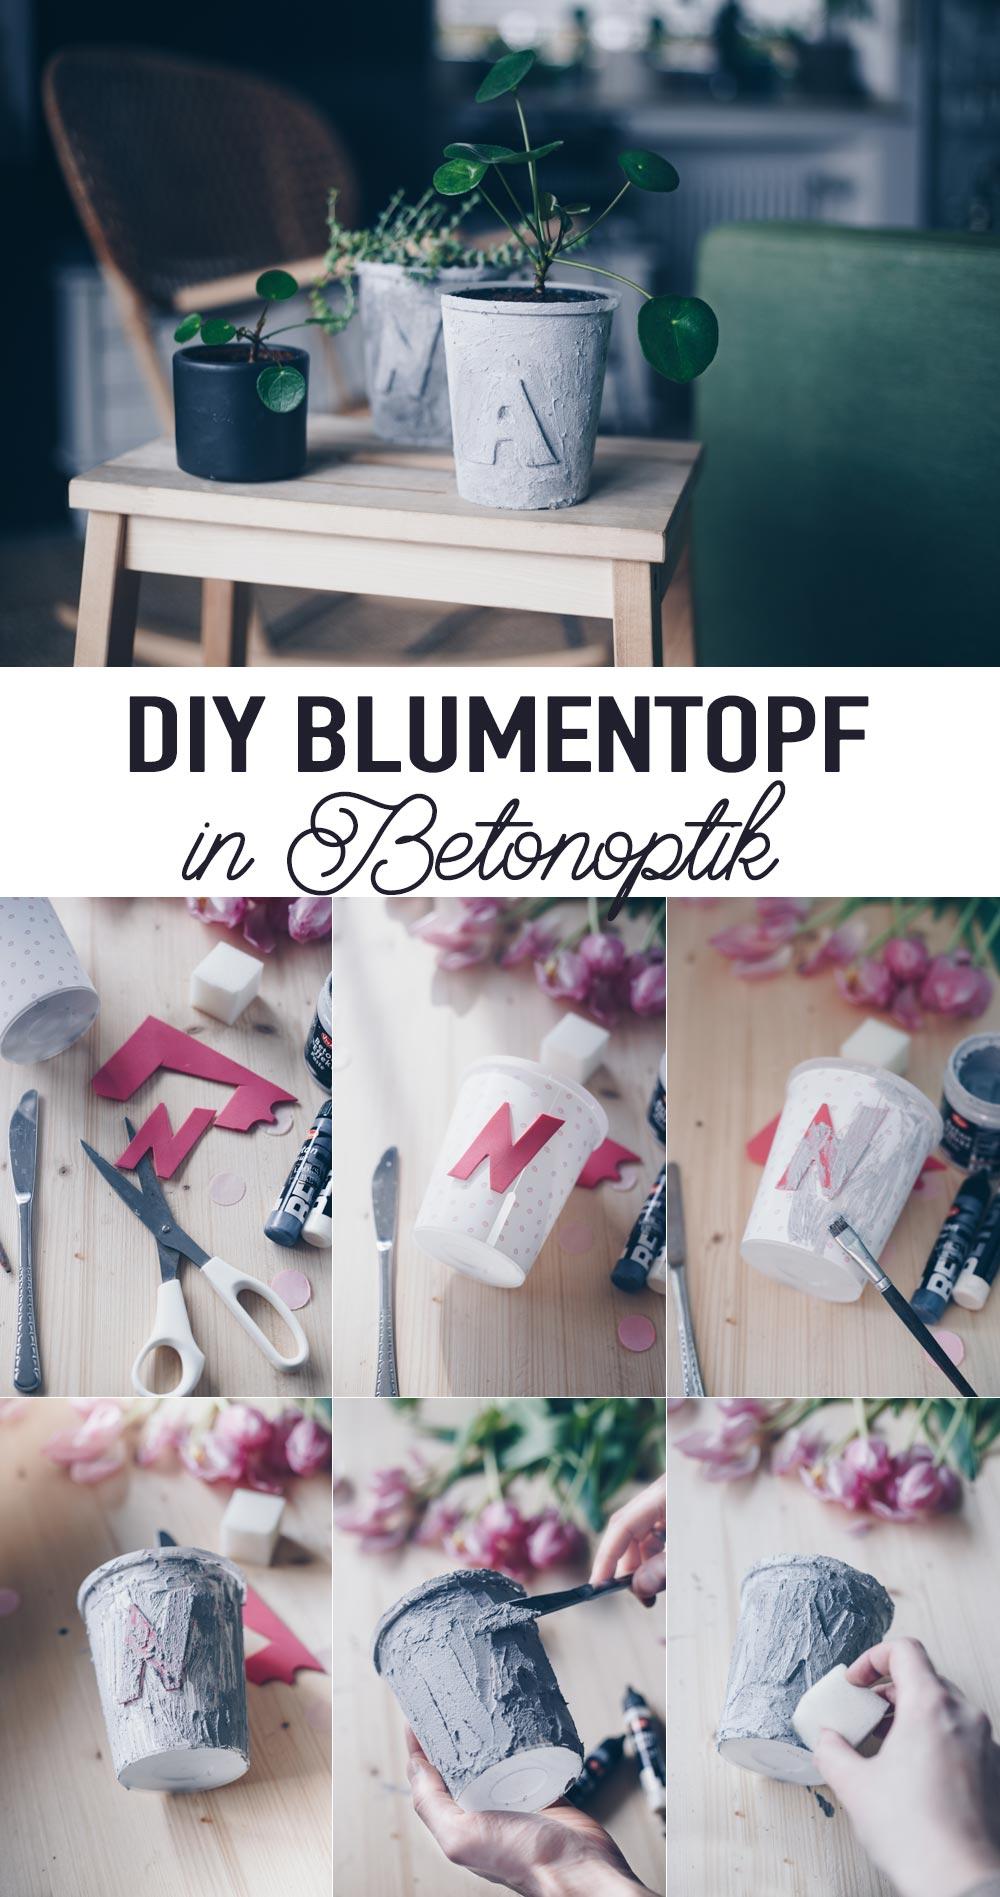 DIY Blumentopf in Betonoptik mit Buchstaben Schritt für Schritt selbermachen Upcycling Tutorial